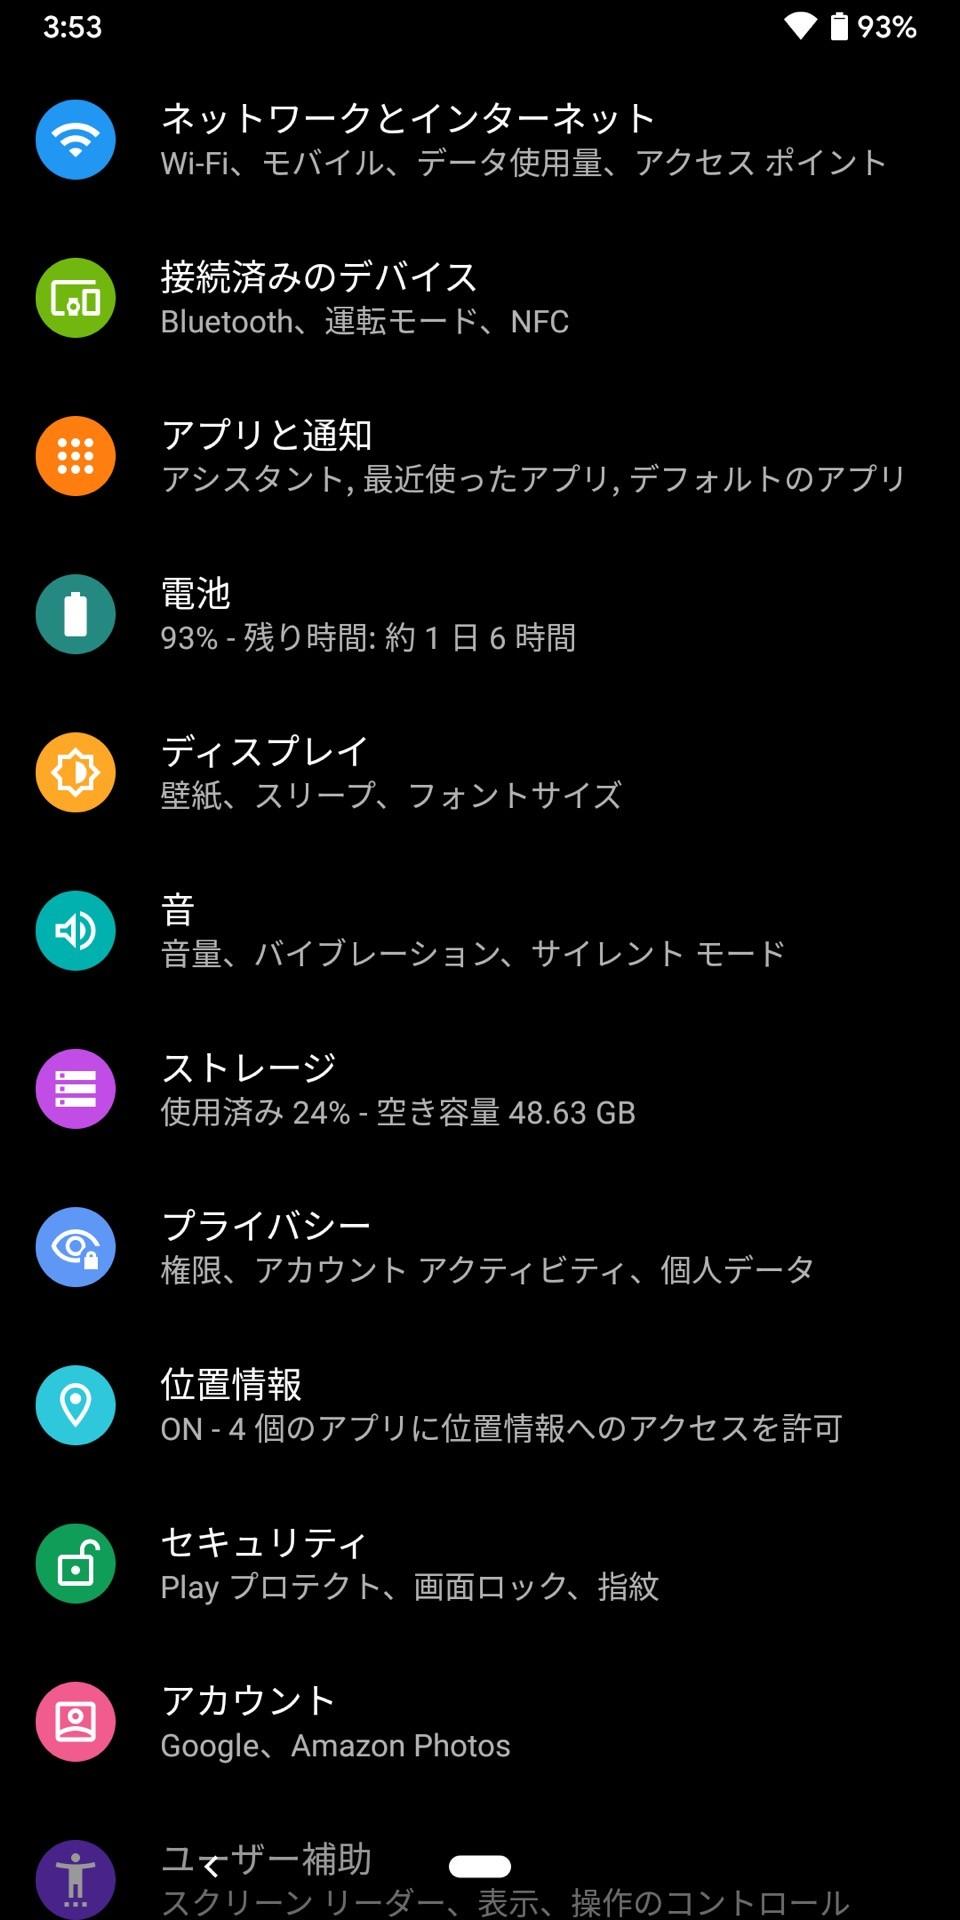 Googleがスマホなど向け次期プラットフォーム Android 10 Q Beta 5 を提供開始 Pixelシリーズなどで利用可能 正式版は7 9月にリリース予定 S Max